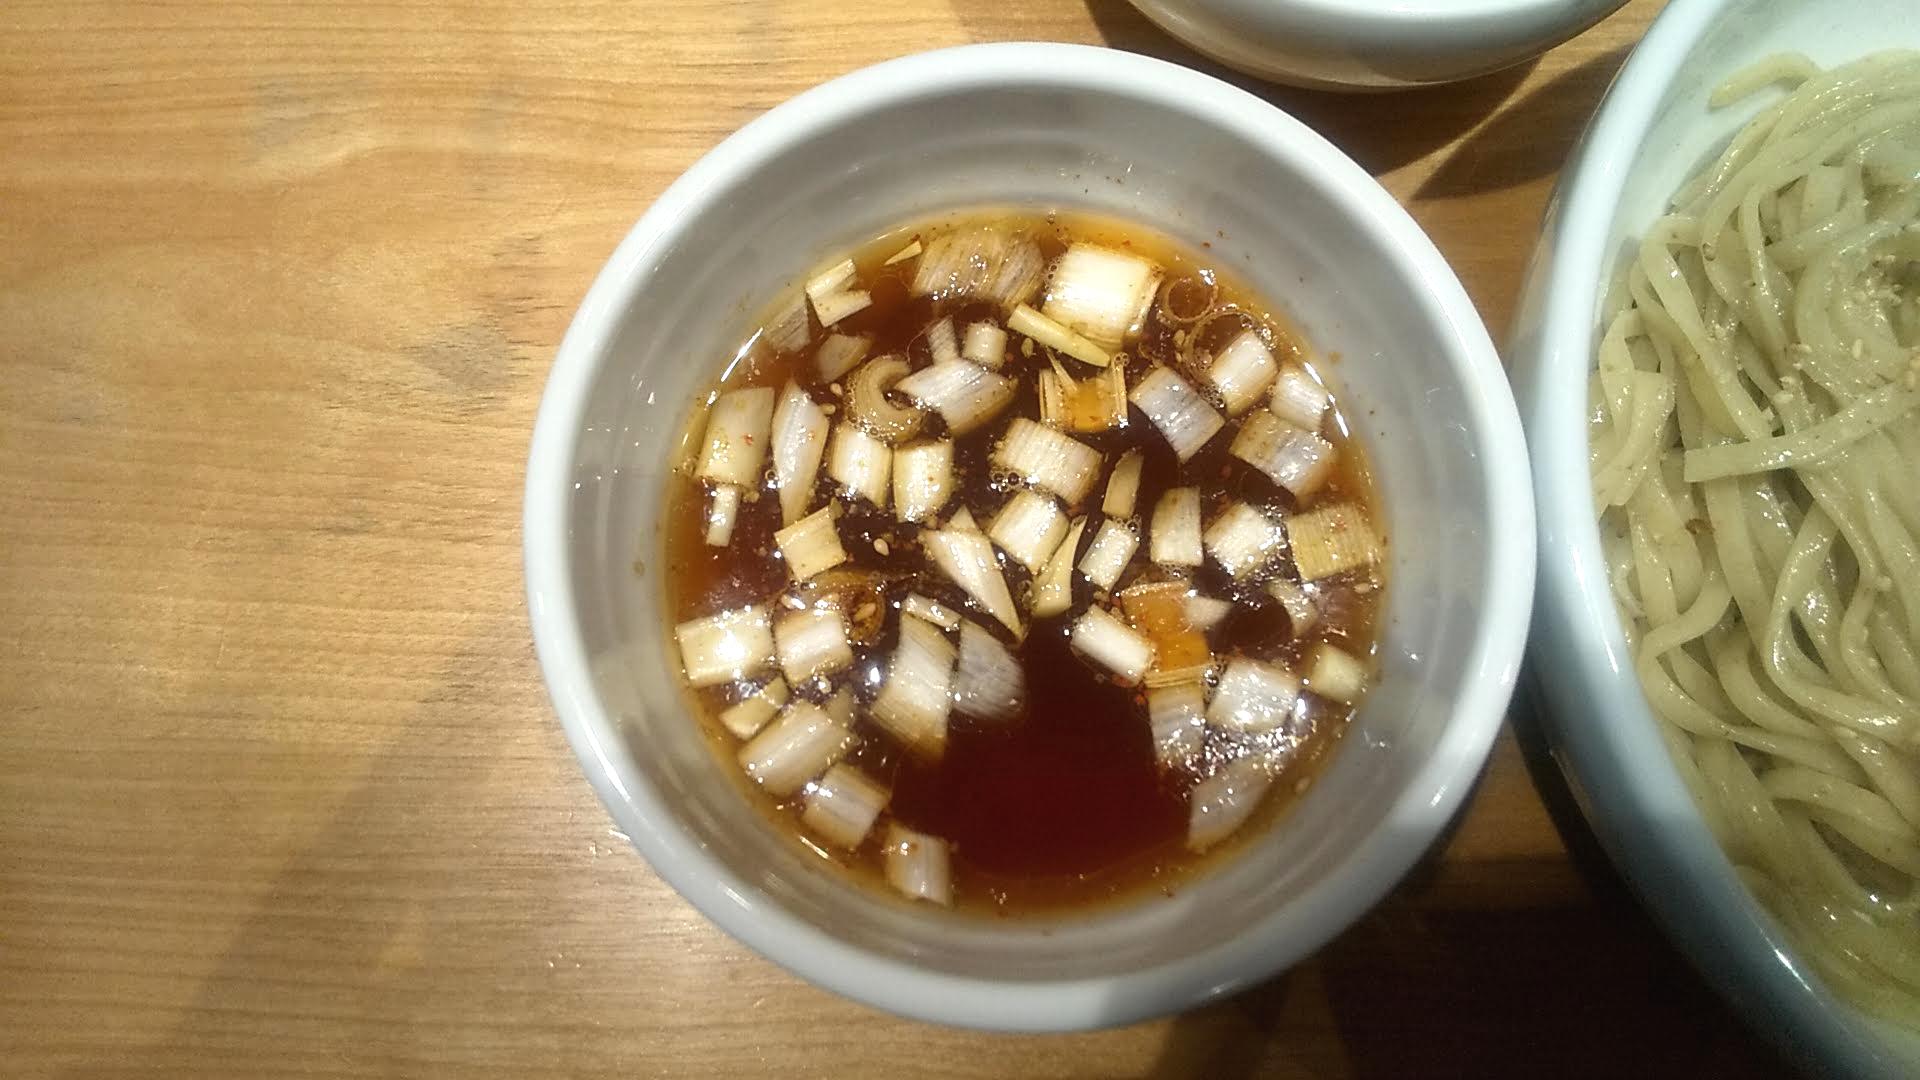 佐々木製麺所のつけ麺のつけ汁の写真